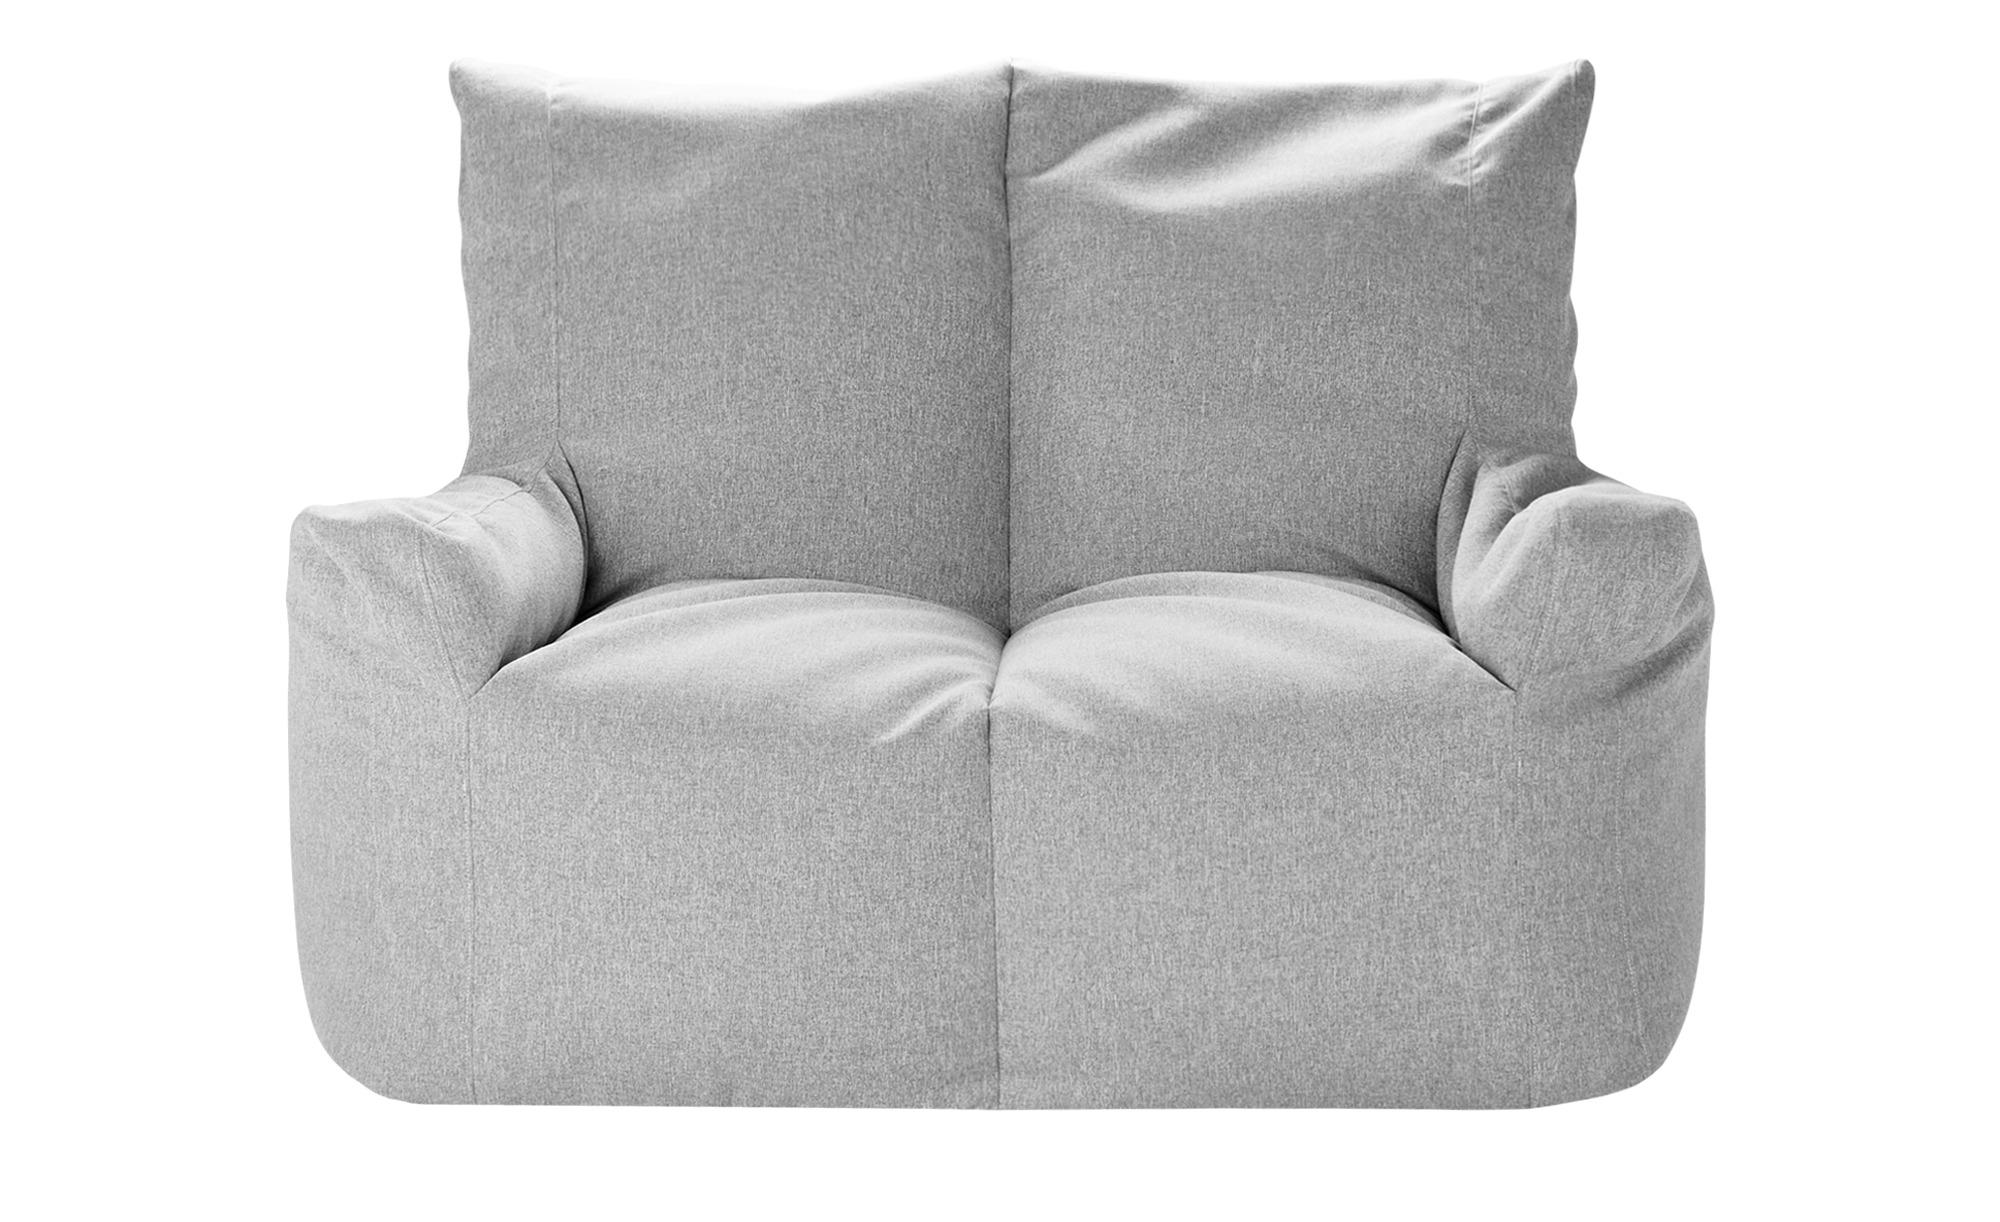 Full Size of Sitzsack Sofa Lou Mbel Hffner Muuto 2 Sitzer Mit Schlaffunktion Chippendale überwurf Natura Schlafsofa Liegefläche 180x200 Arten Big Beziehen Sam Marken Für Sofa Sitzsack Sofa